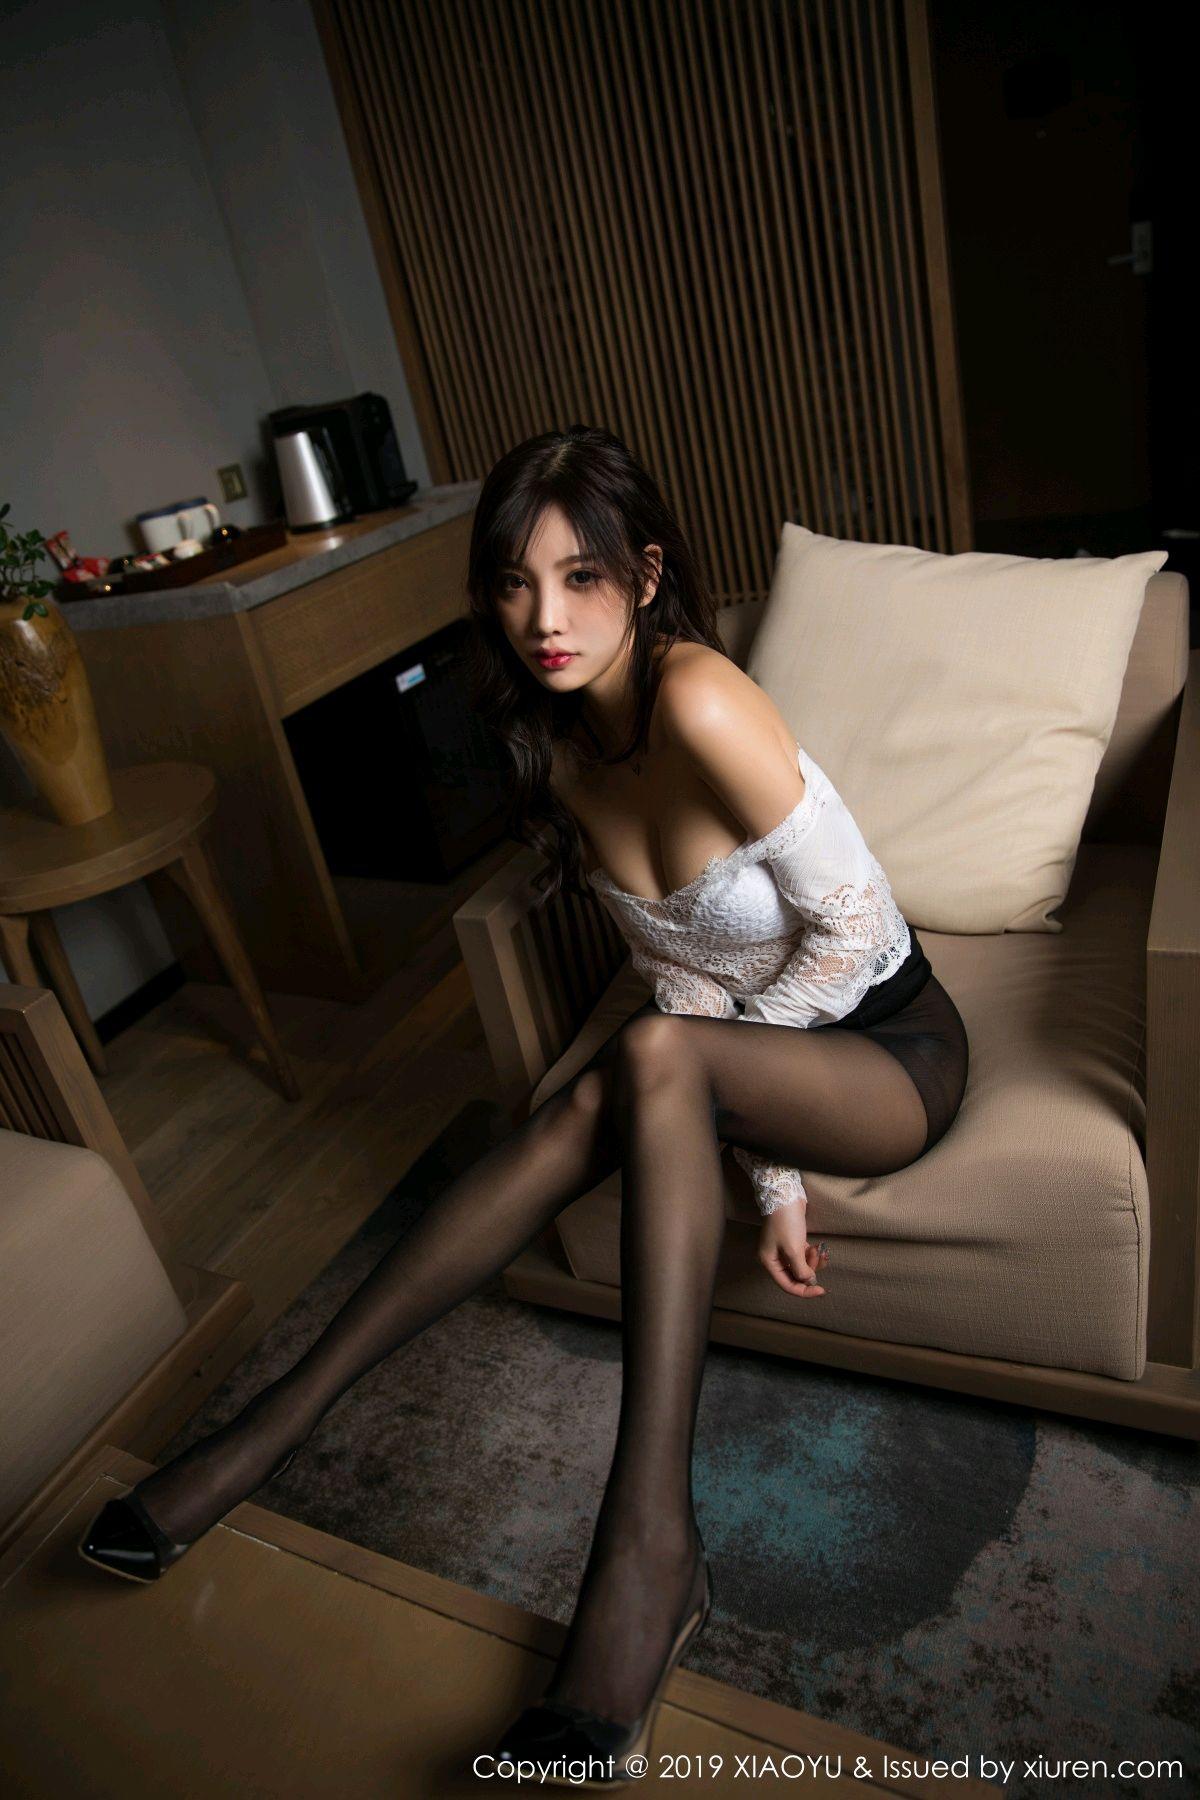 [XiaoYu] Vol.048 Yang Chen Chen 29P, Black Silk, Tall, XiaoYu, Yang Chen Chen